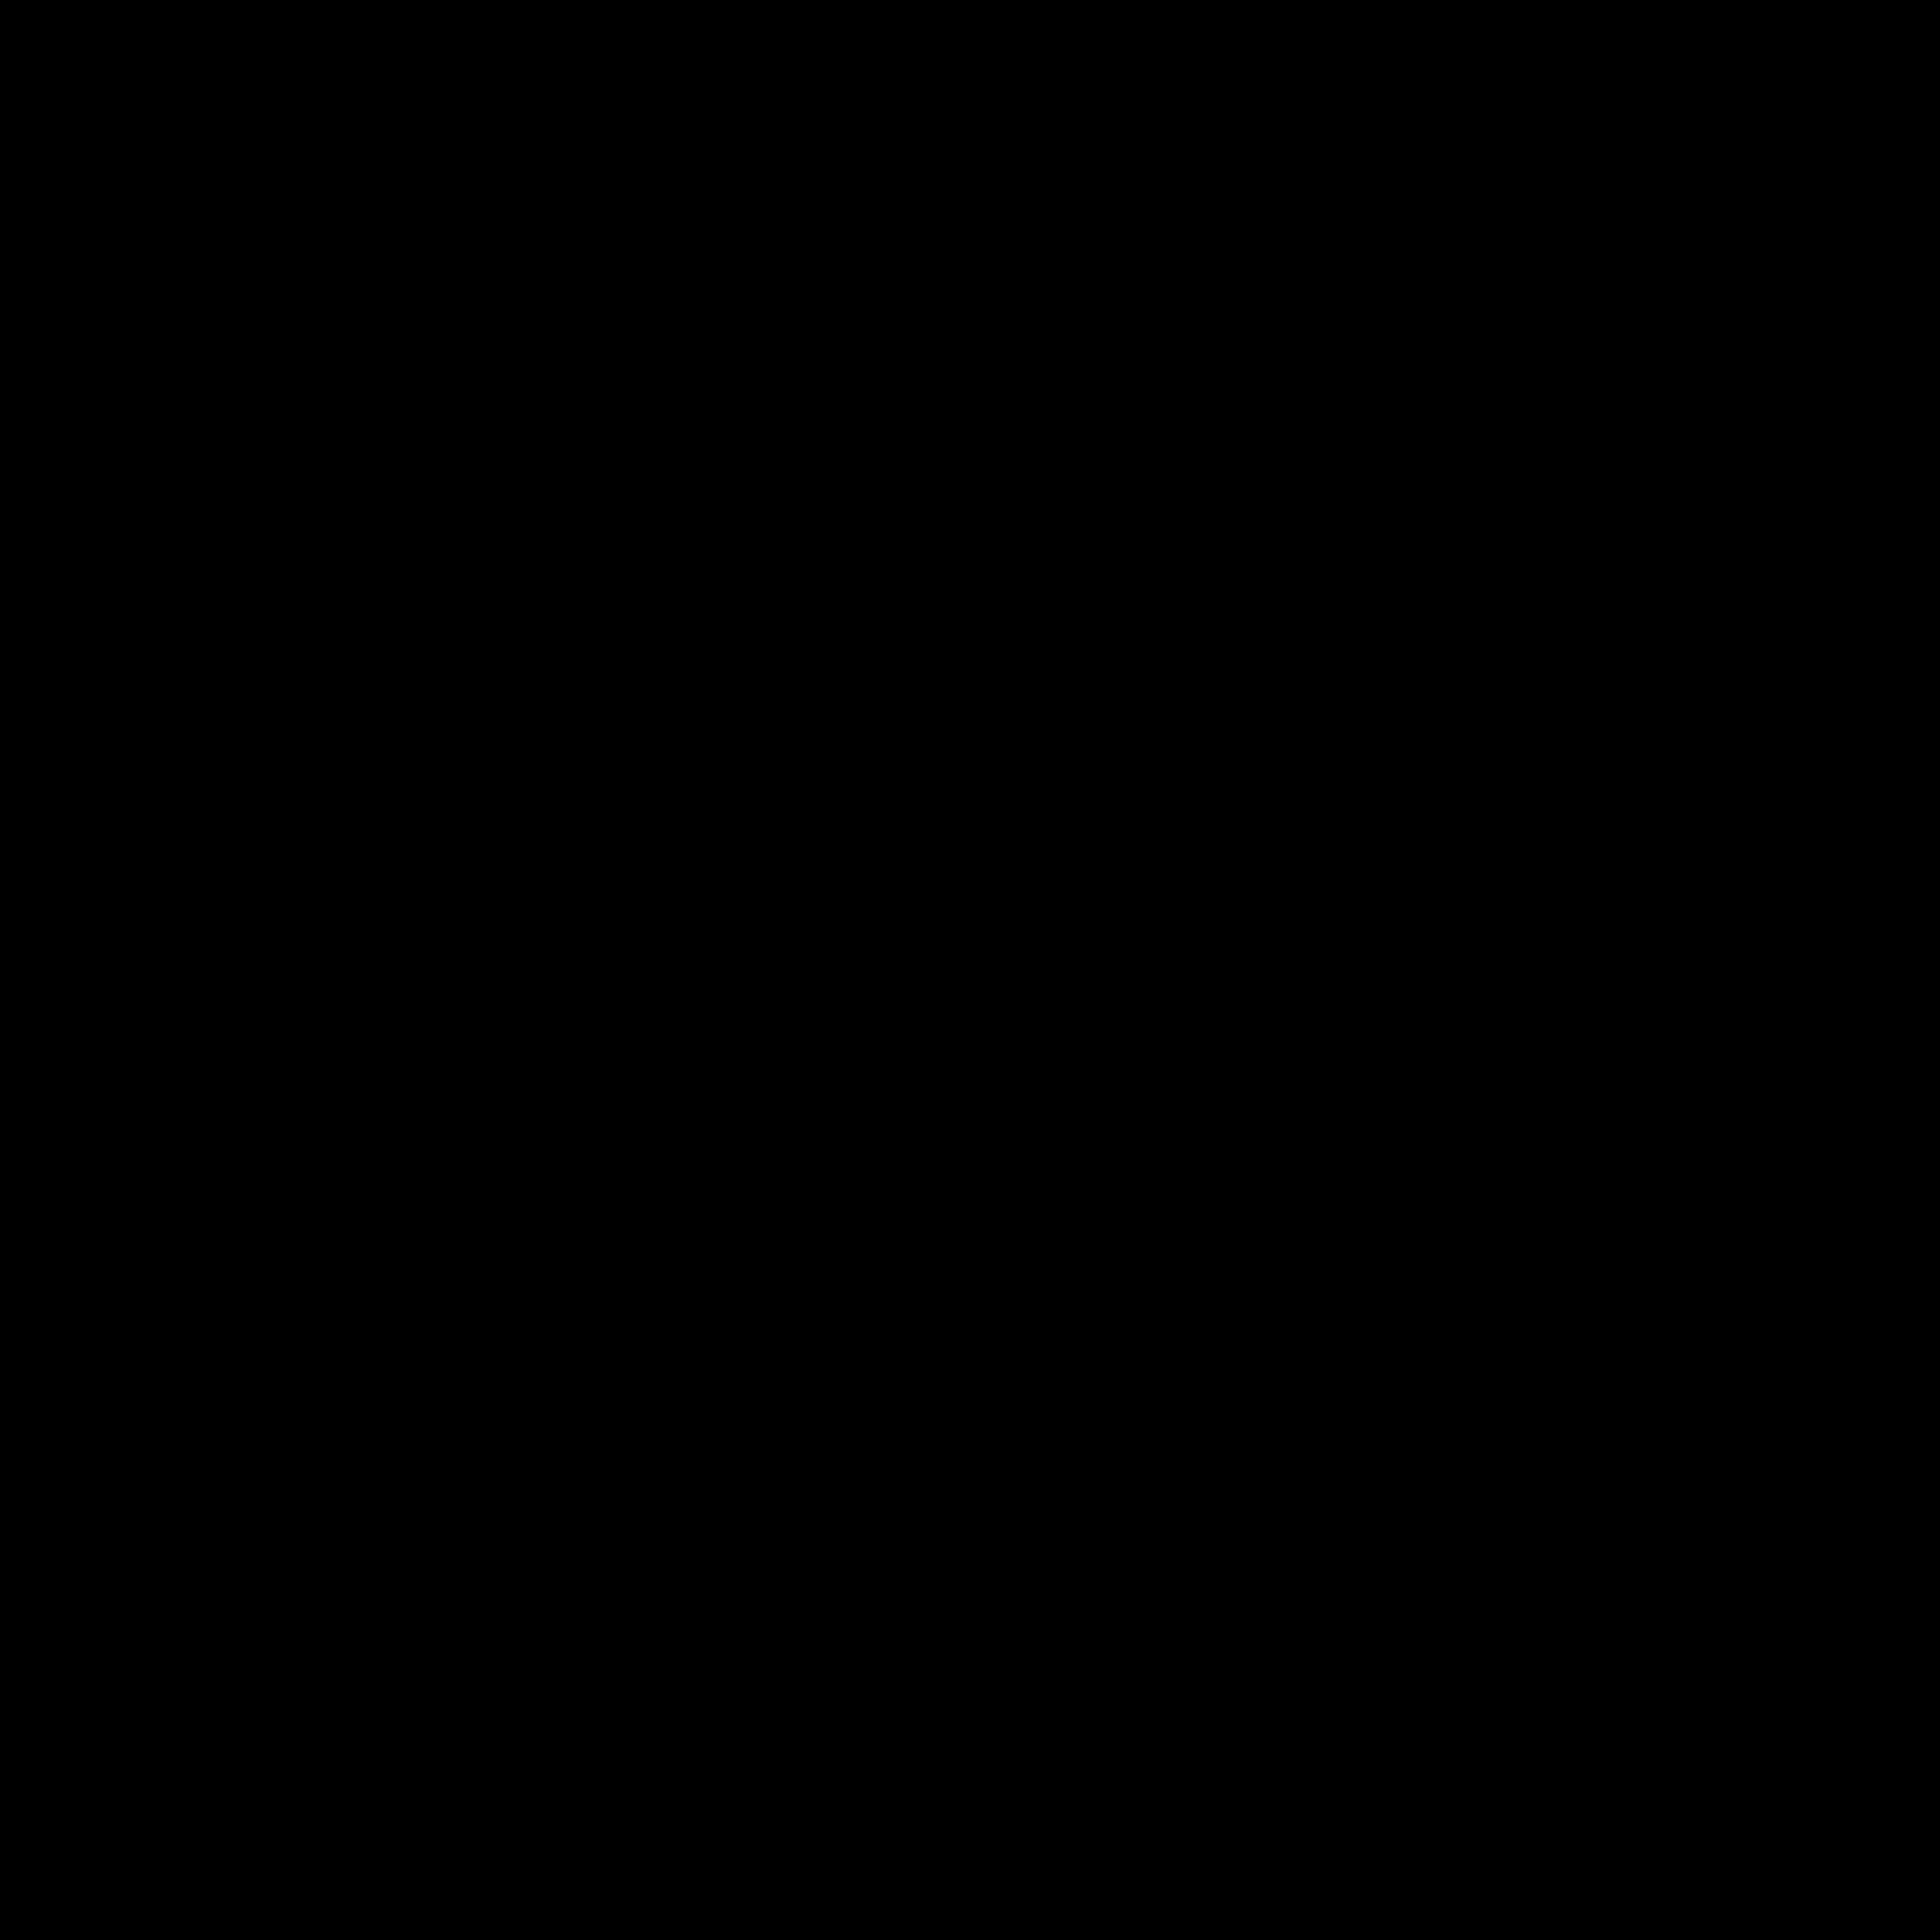 Schottenmuster navy-offwhite